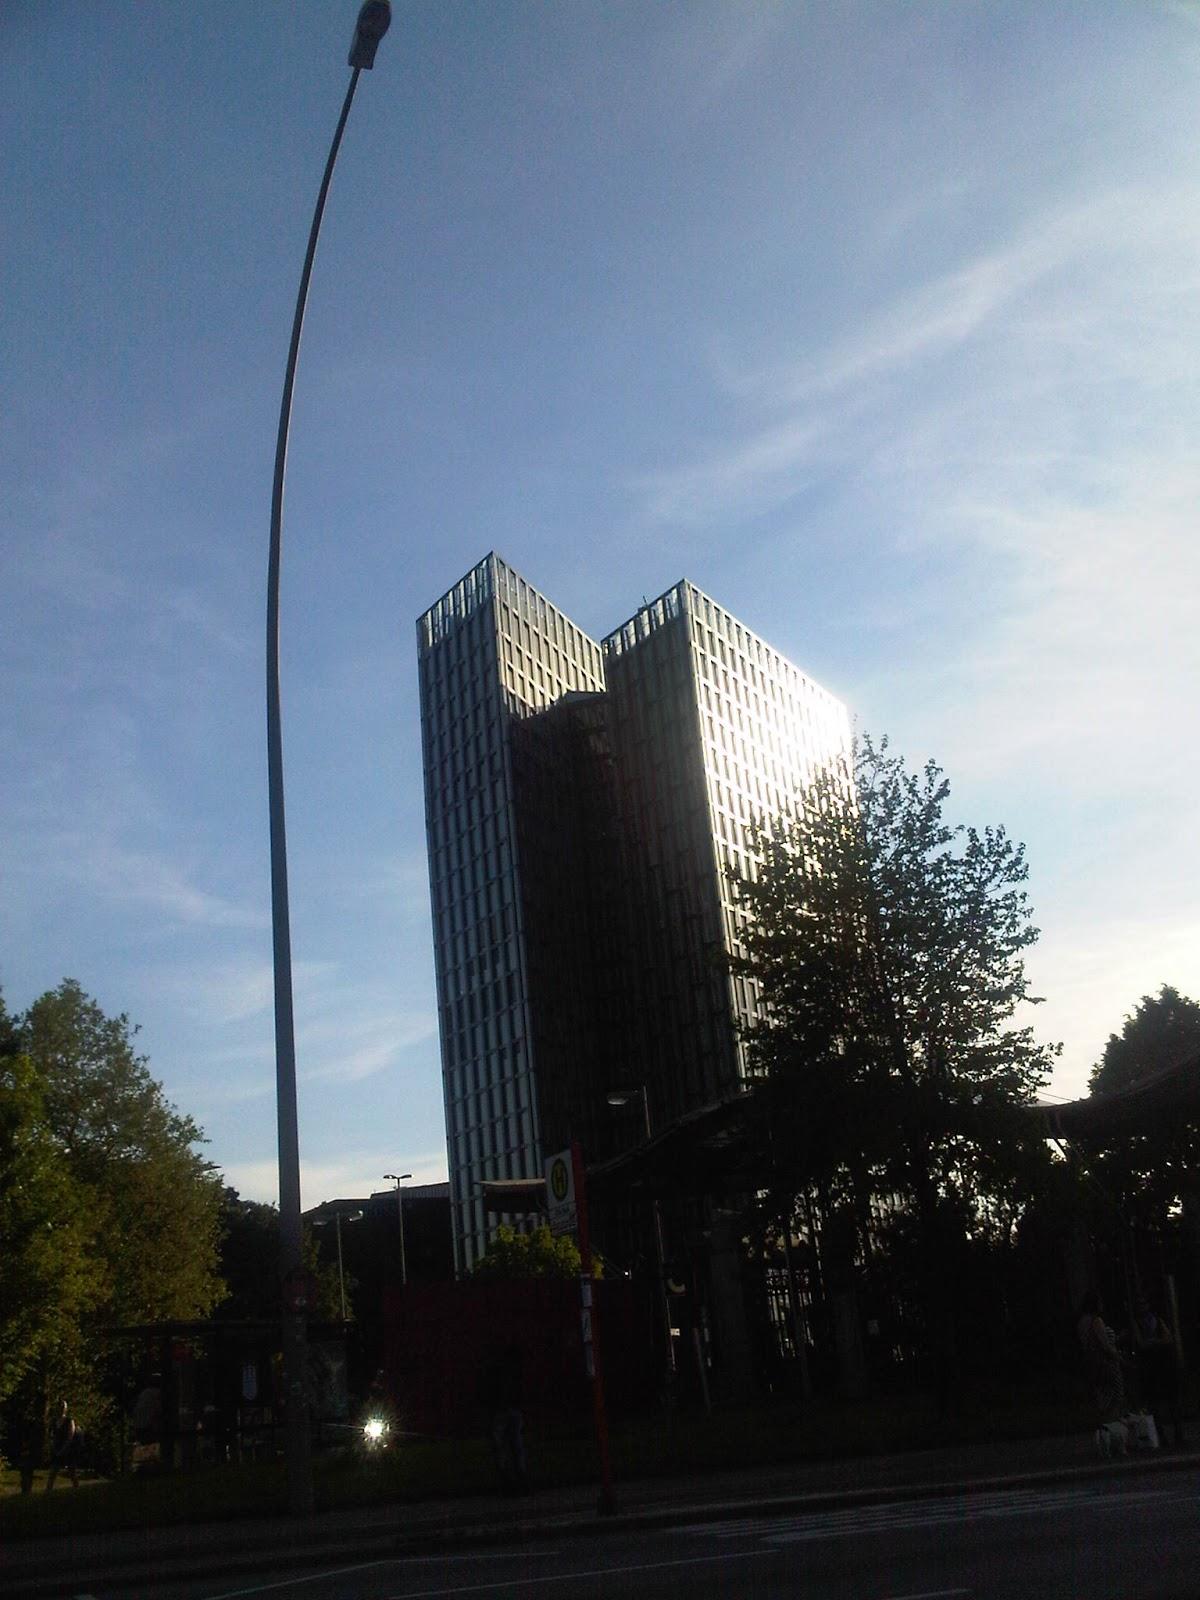 Tanzende Türme auf St. Pauli von der Straße Millerntorplatz aus. Blauer Himmel, Wolken, Sonnenreflexion auf den Scheiben. Baum vor den Tanzenden Türmen.